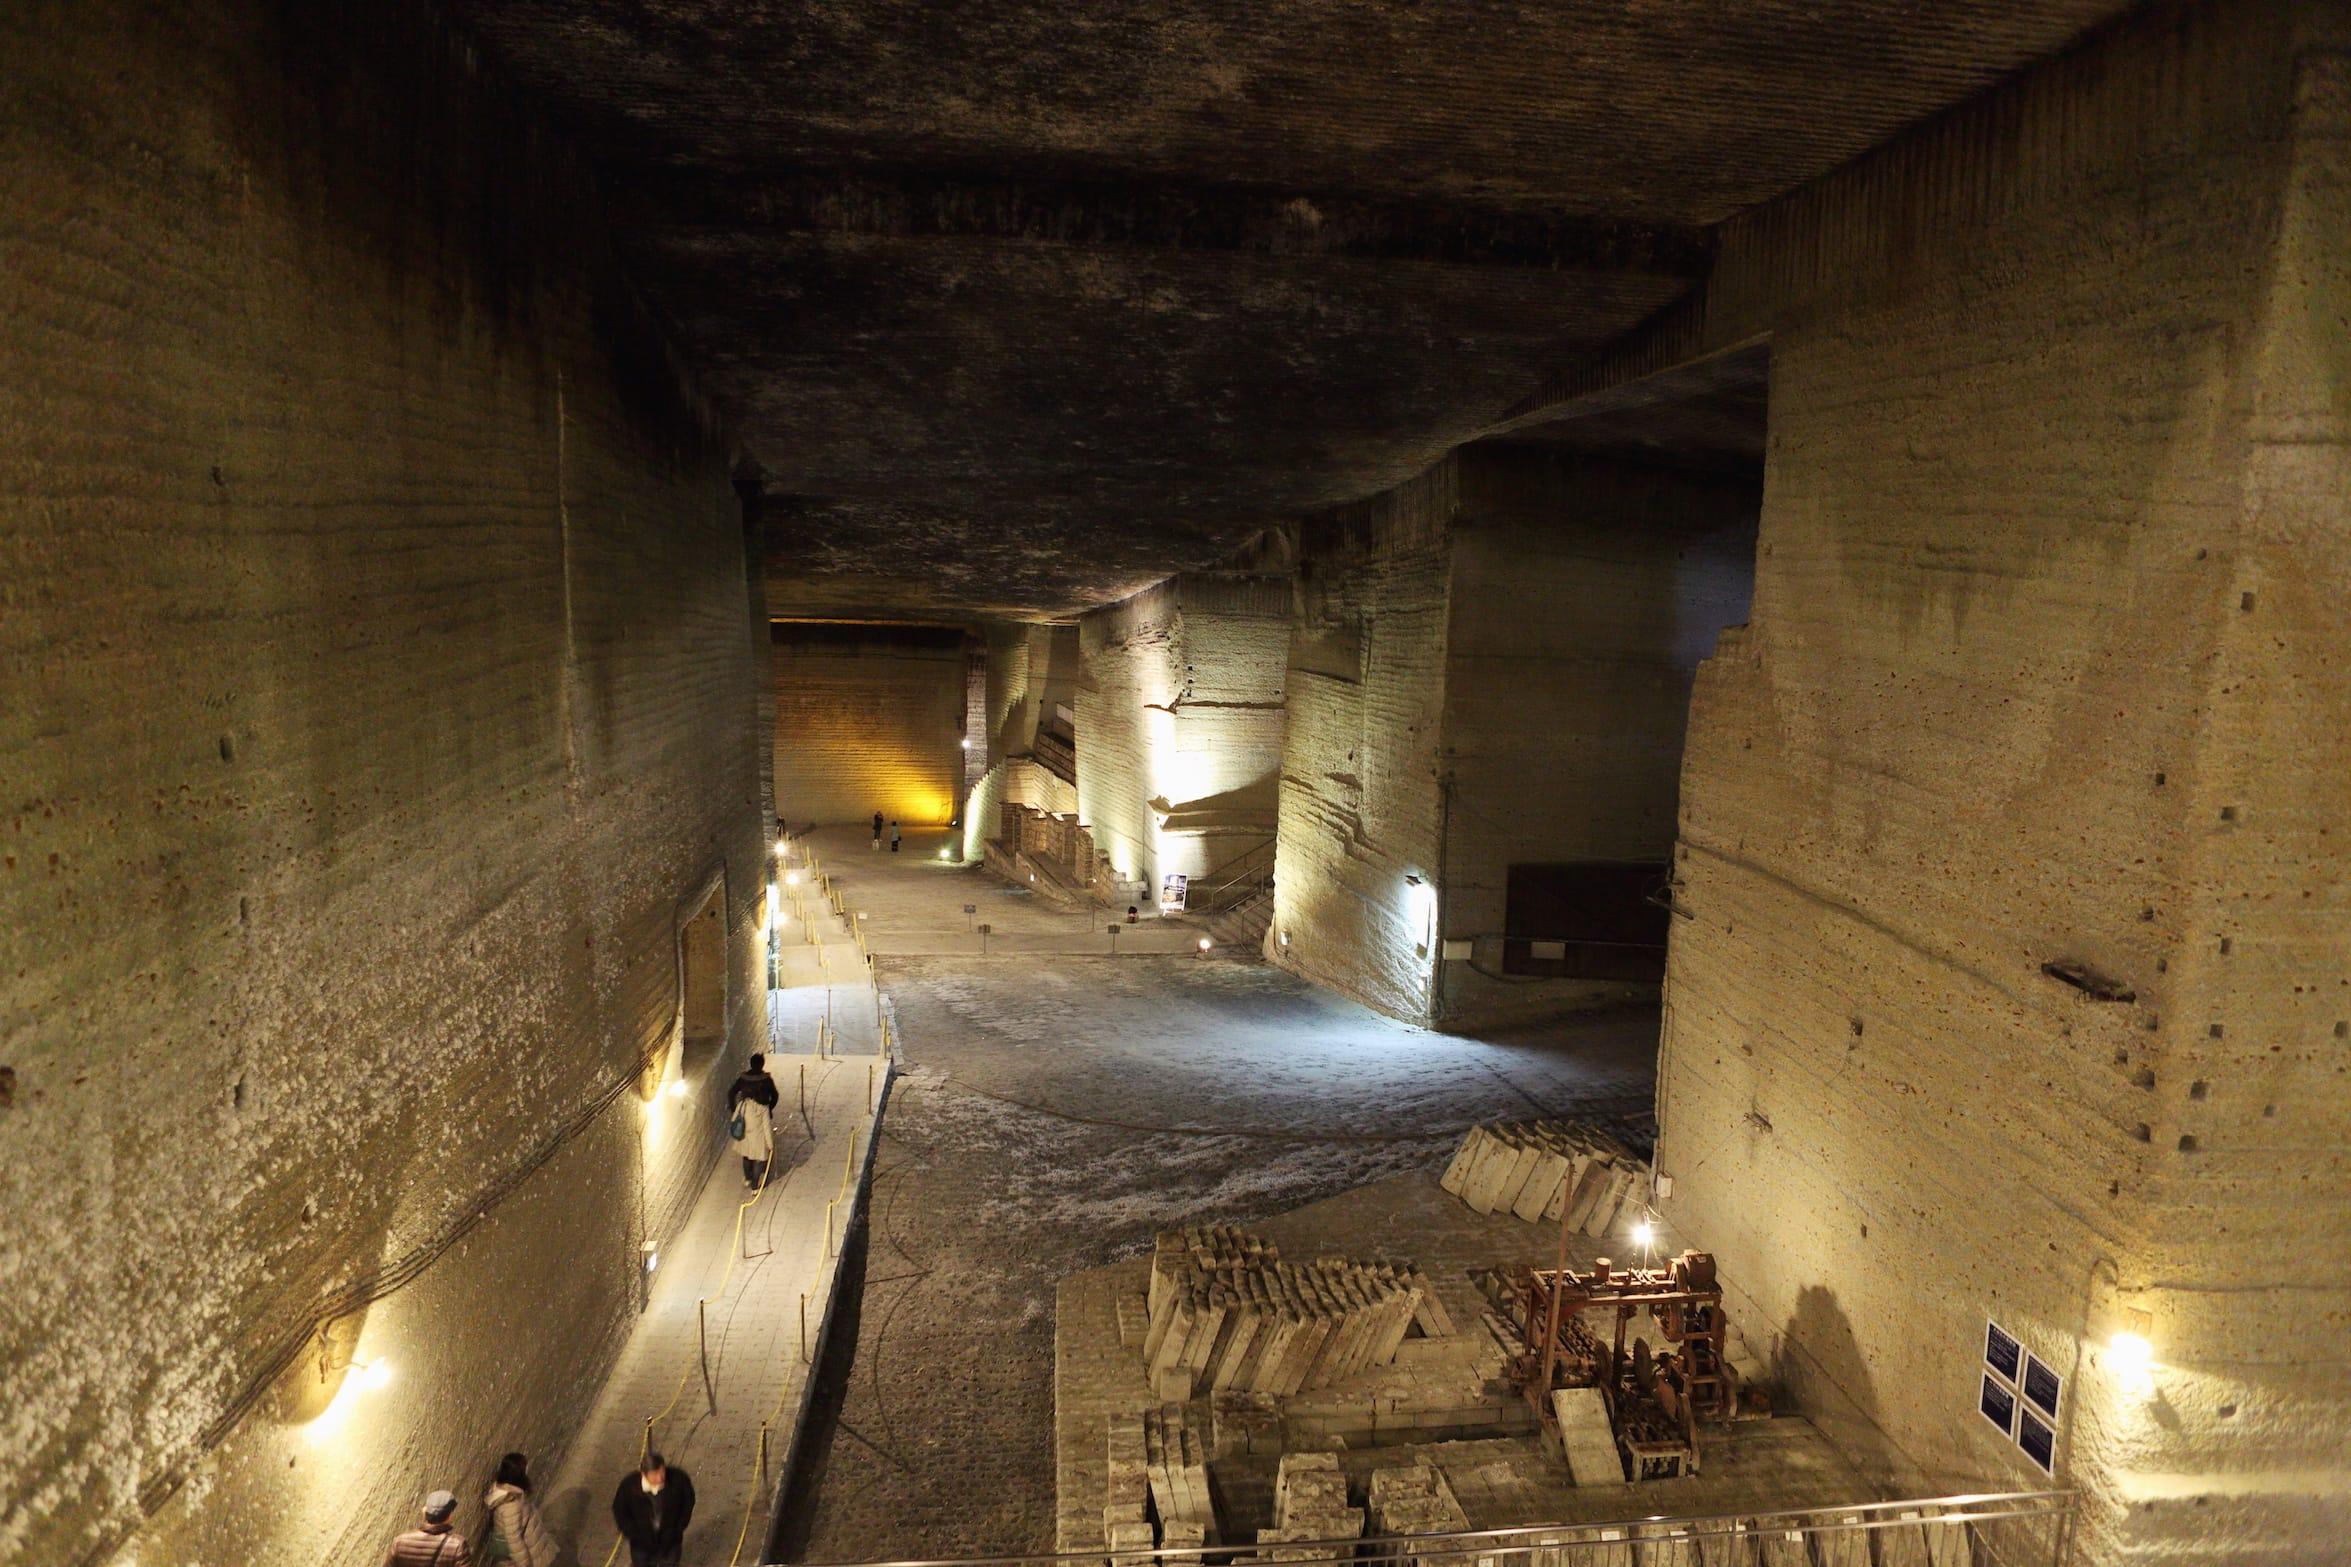 現在、「大谷資料館」となっている大谷石地下採掘跡地。巨大な地下建造物を思わせる。地下に広がる地底湖では、クルージングを楽しめるツアーも。